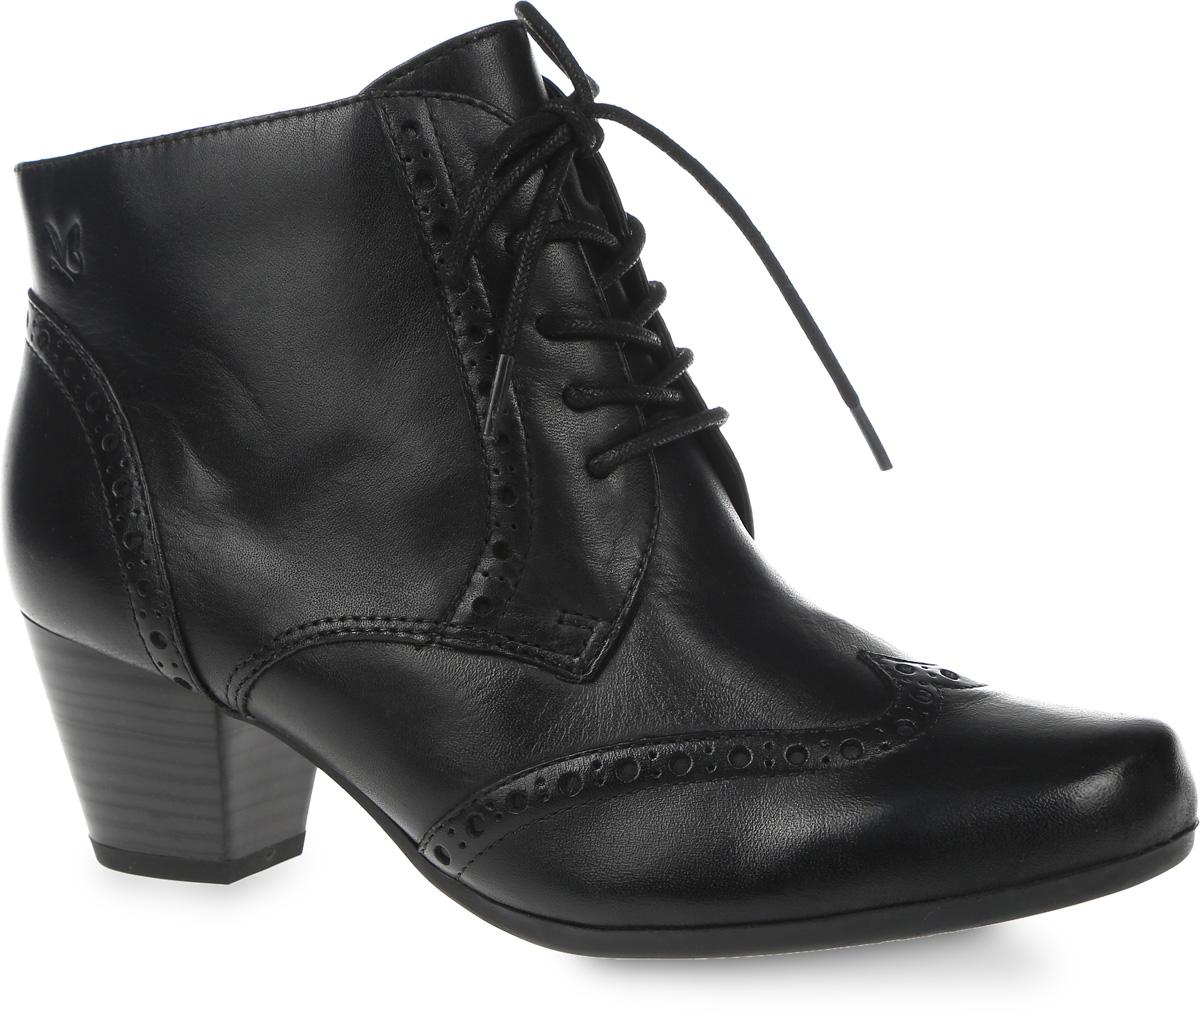 9-9-25101-27-001Стильные женские ботильоны от Caprice - отличный вариант на каждый день. Модель изготовлена из натуральной кожи. Подкладка и стелька, выполненные из мягкого текстиля, защитят ноги от холода и обеспечат комфорт. Ботильоны застегиваются на застежку-молнию, расположенную сбоку. Классическая шнуровка прочно зафиксирует обувь на ноге. Устойчивый каблук и подошва с рельефным протектором обеспечивают отличное сцепление на любой поверхности. В этих ботильонах вашим ногам будет комфортно и уютно. Они подчеркнут вашу женственность и элегантность.